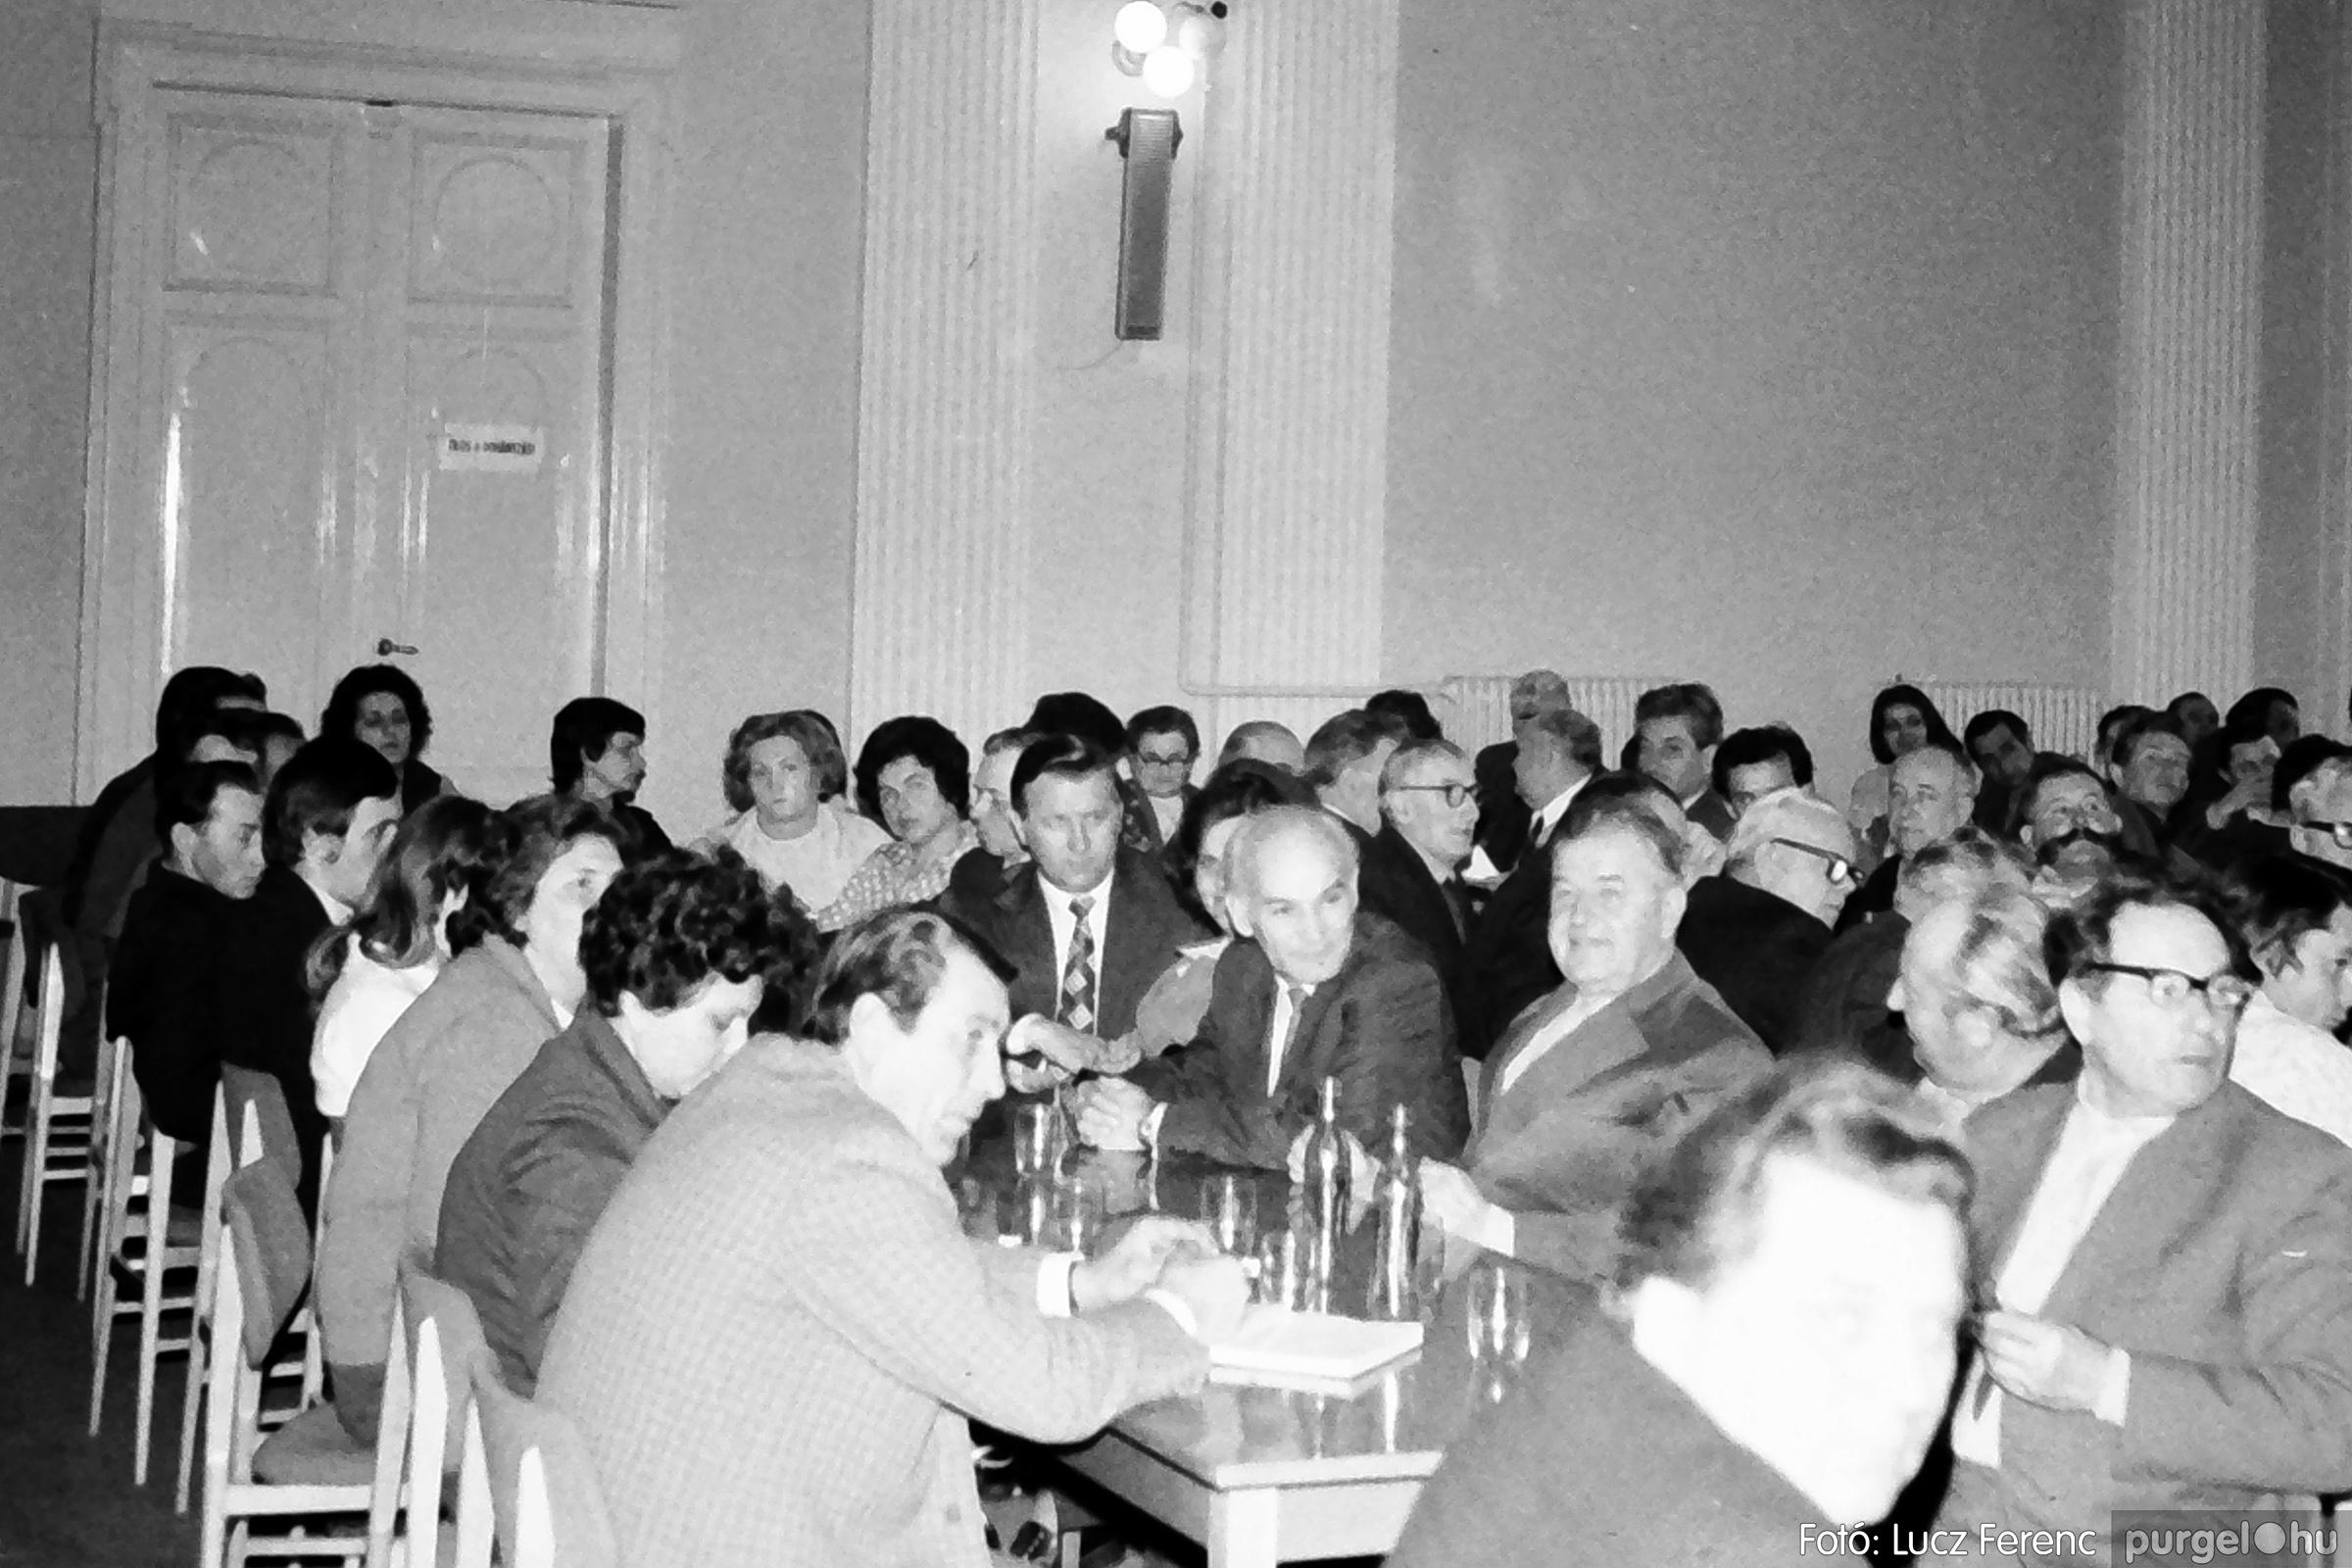 072. 1977. ÁFÉSZ küldöttgyűlés a szentesi megyeházban 010. - Fotó: Lucz Ferenc.jpg